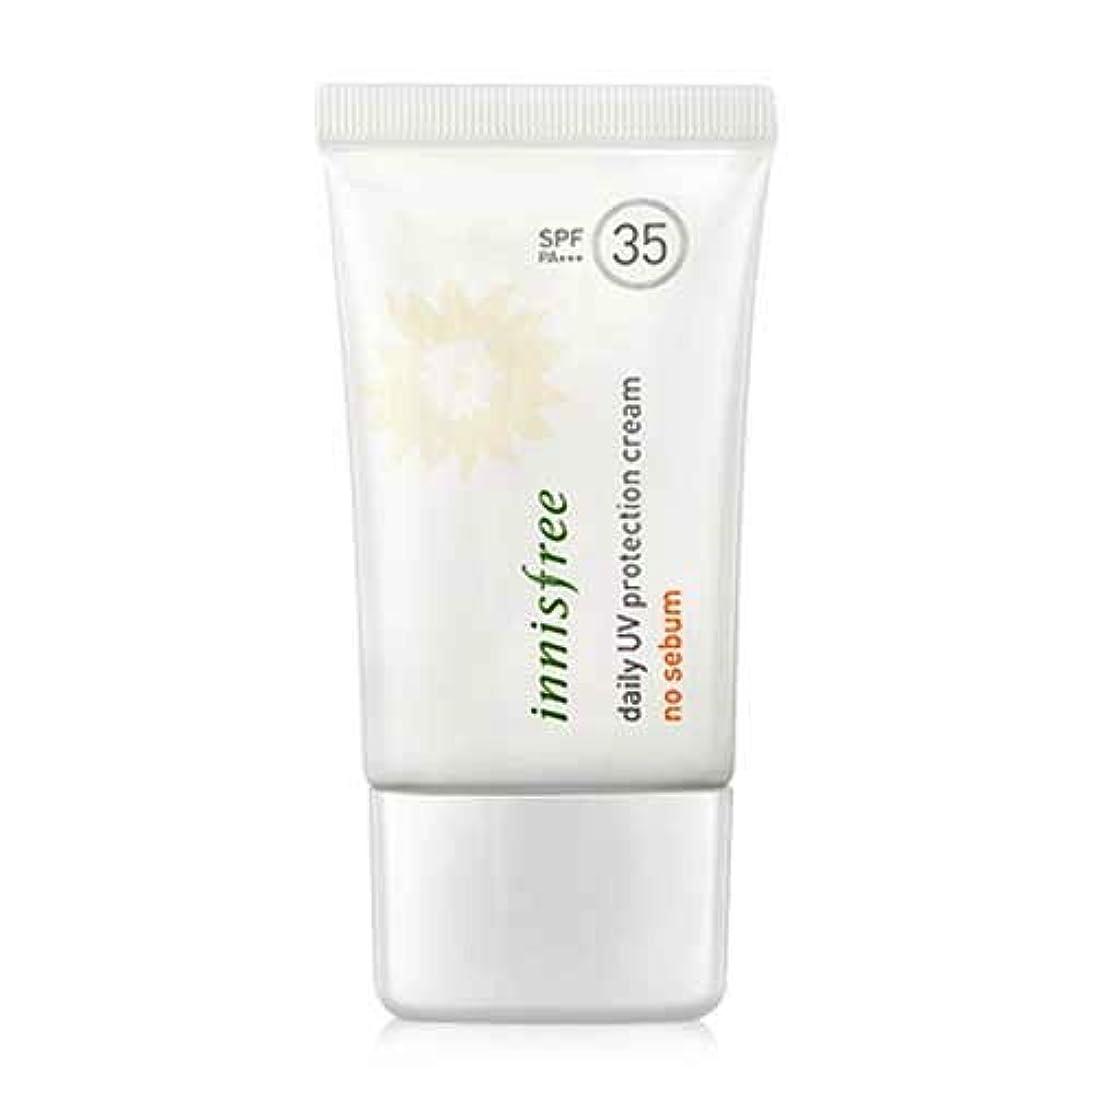 モジュールキノコ現実には(3 Pack) INNISFREE Daily UV Protection Cream No Sebum SPF35 PA+++ (並行輸入品)